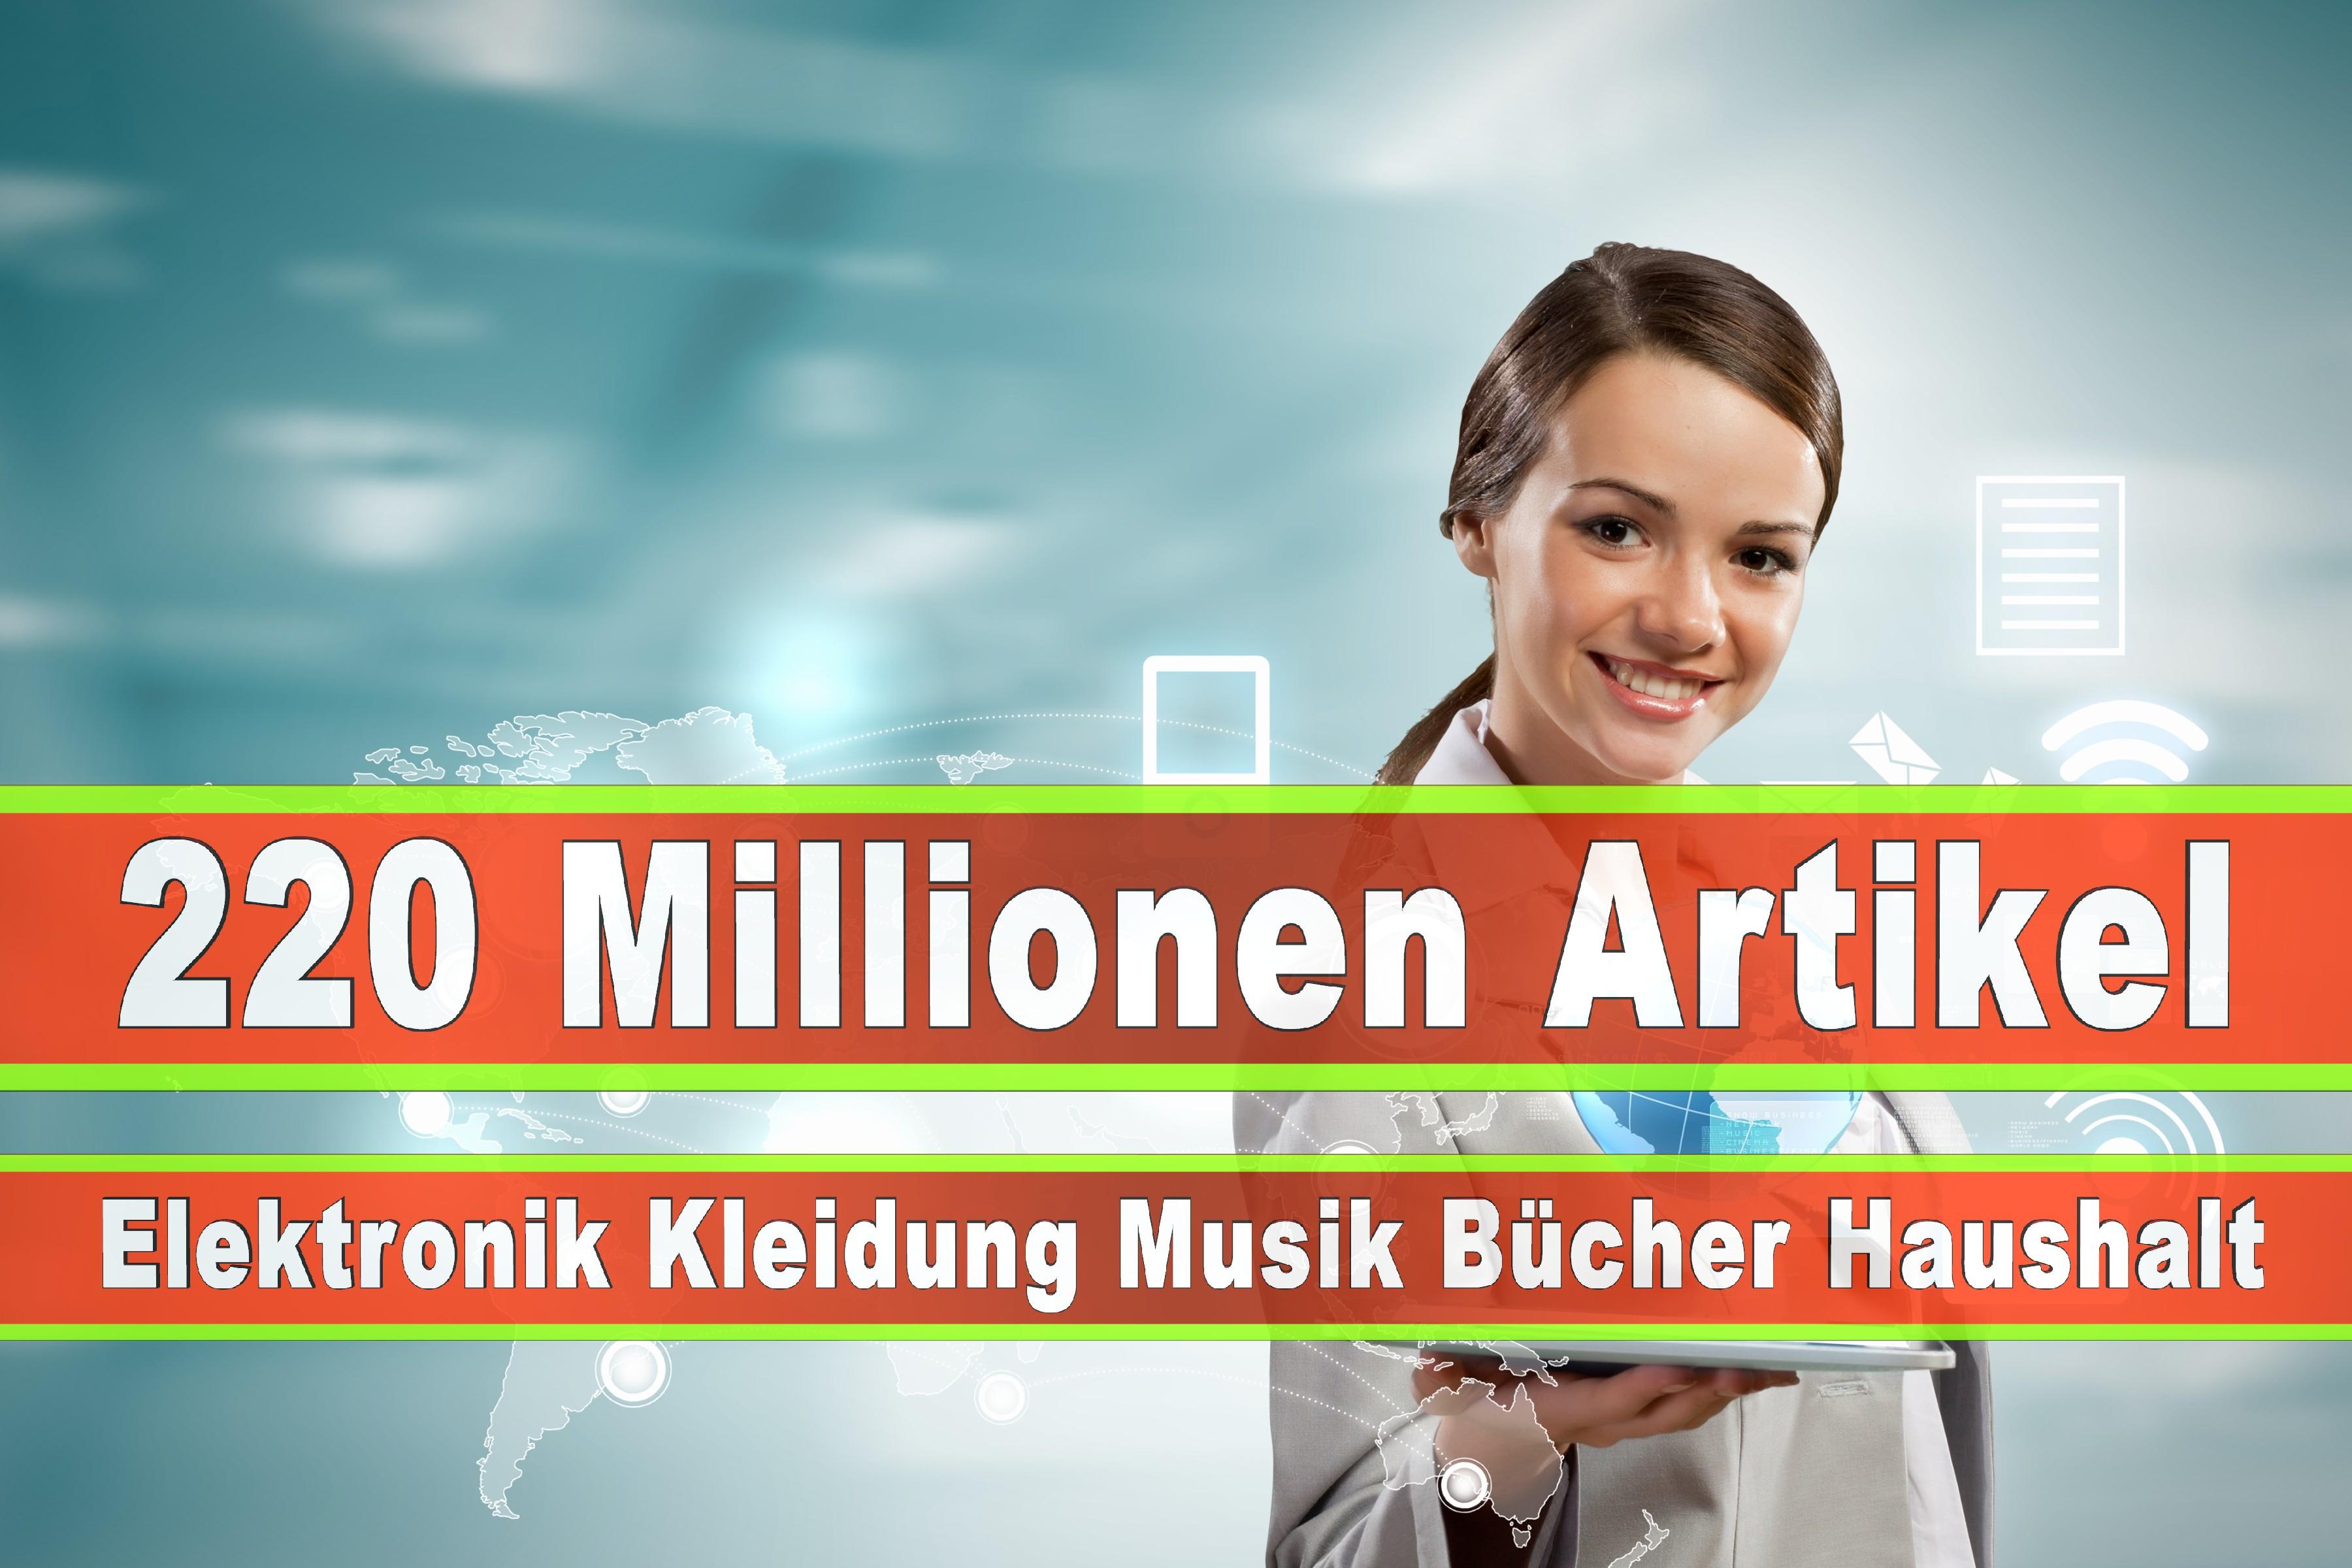 Amazon Elektronik Musik Haushalt Bücher CD DVD Handys Smartphones TV Television Fernseher Kleidung Mode Ebay Versandhaus (38)